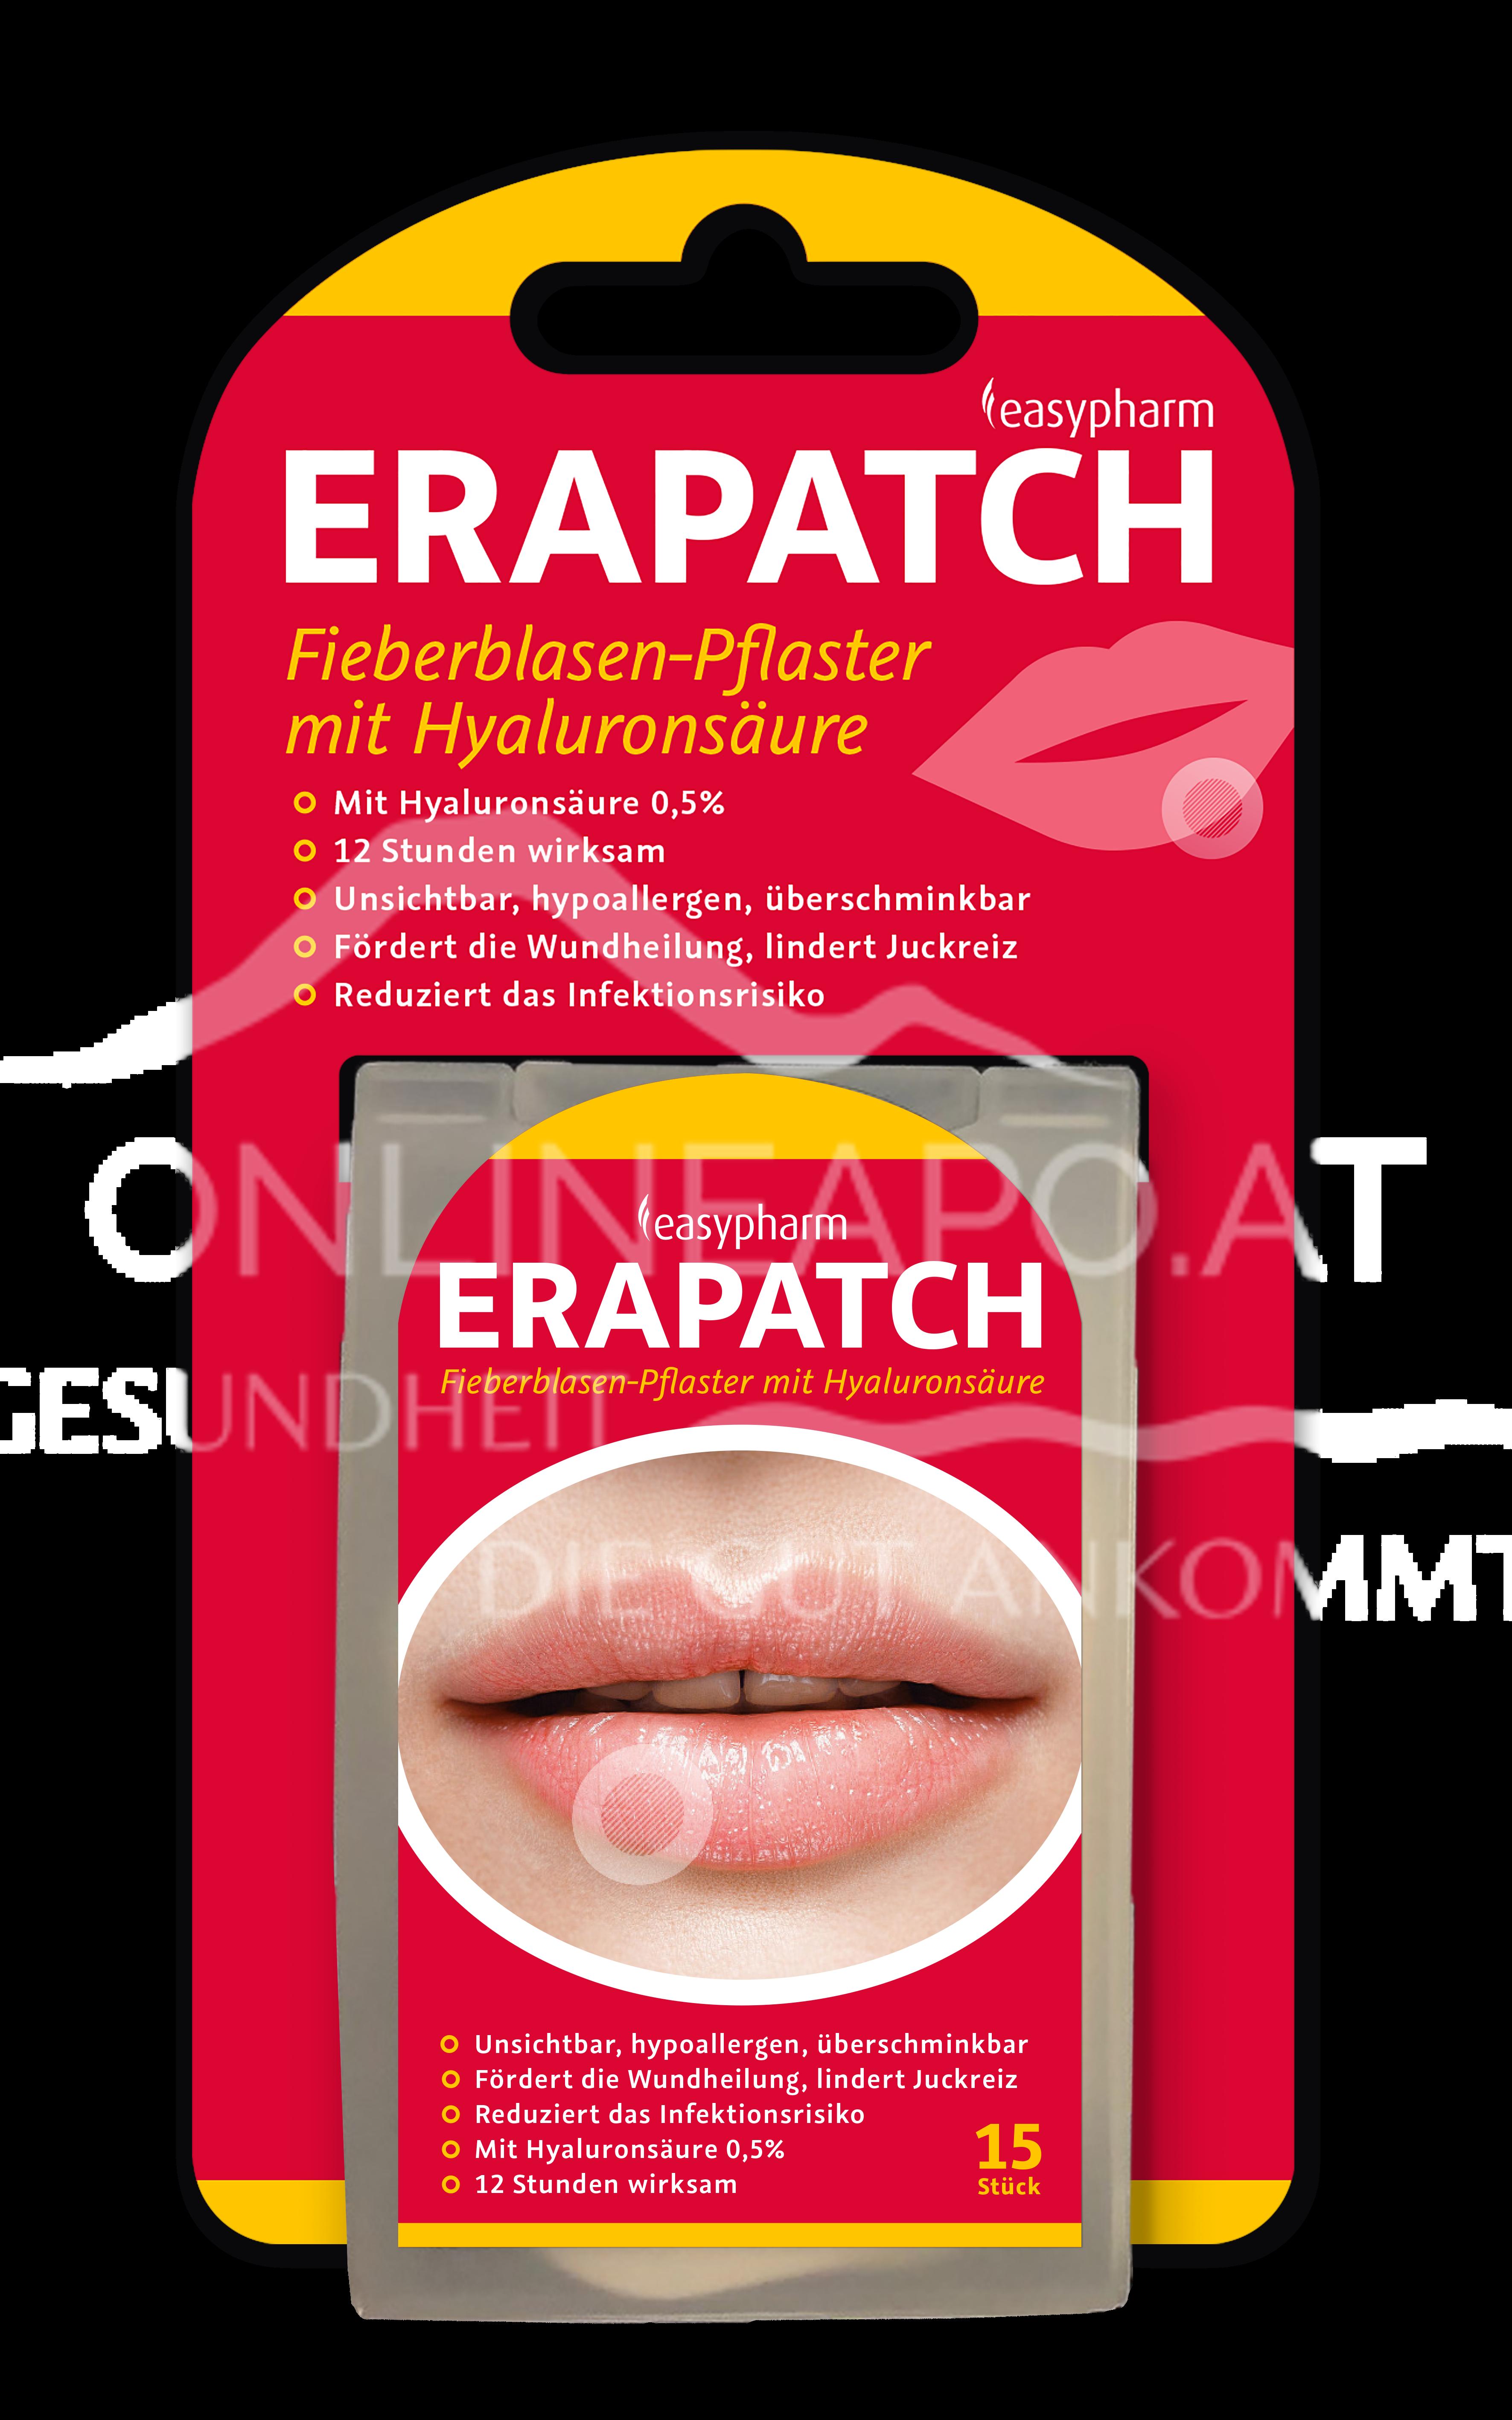 Erapatch Fieberblasenpflaster